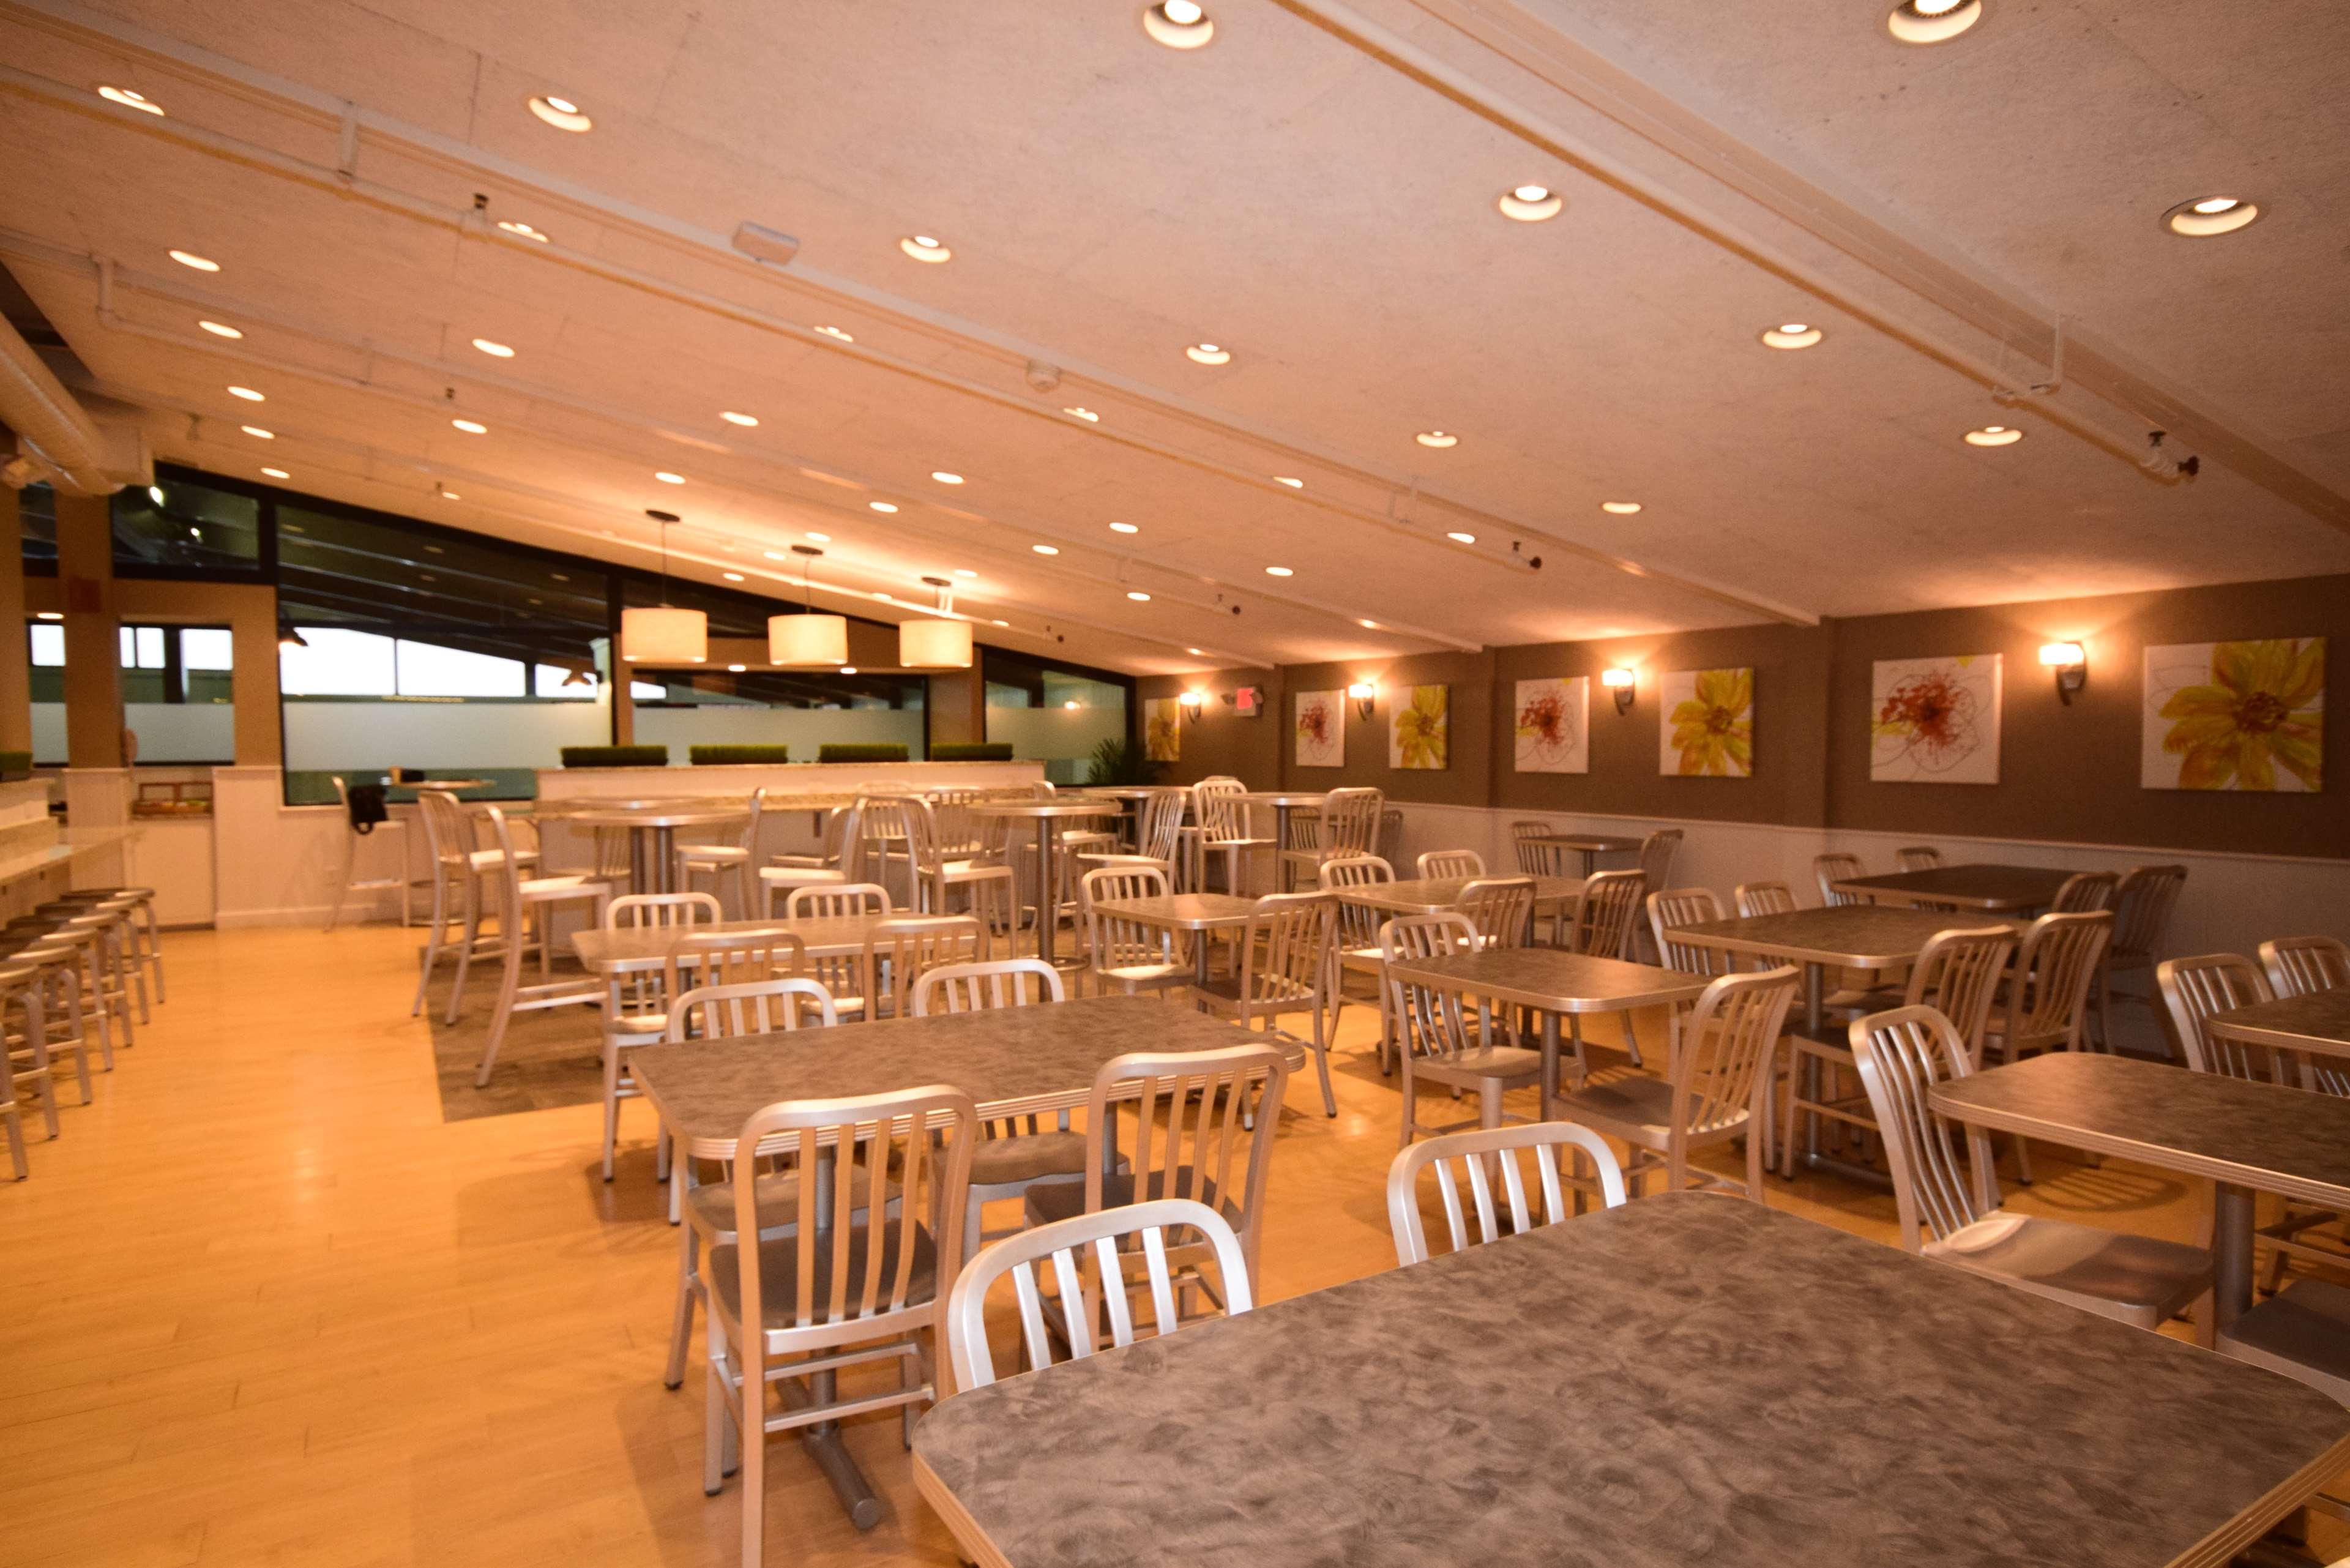 Best Western Tlc Hotel Waltham Ma